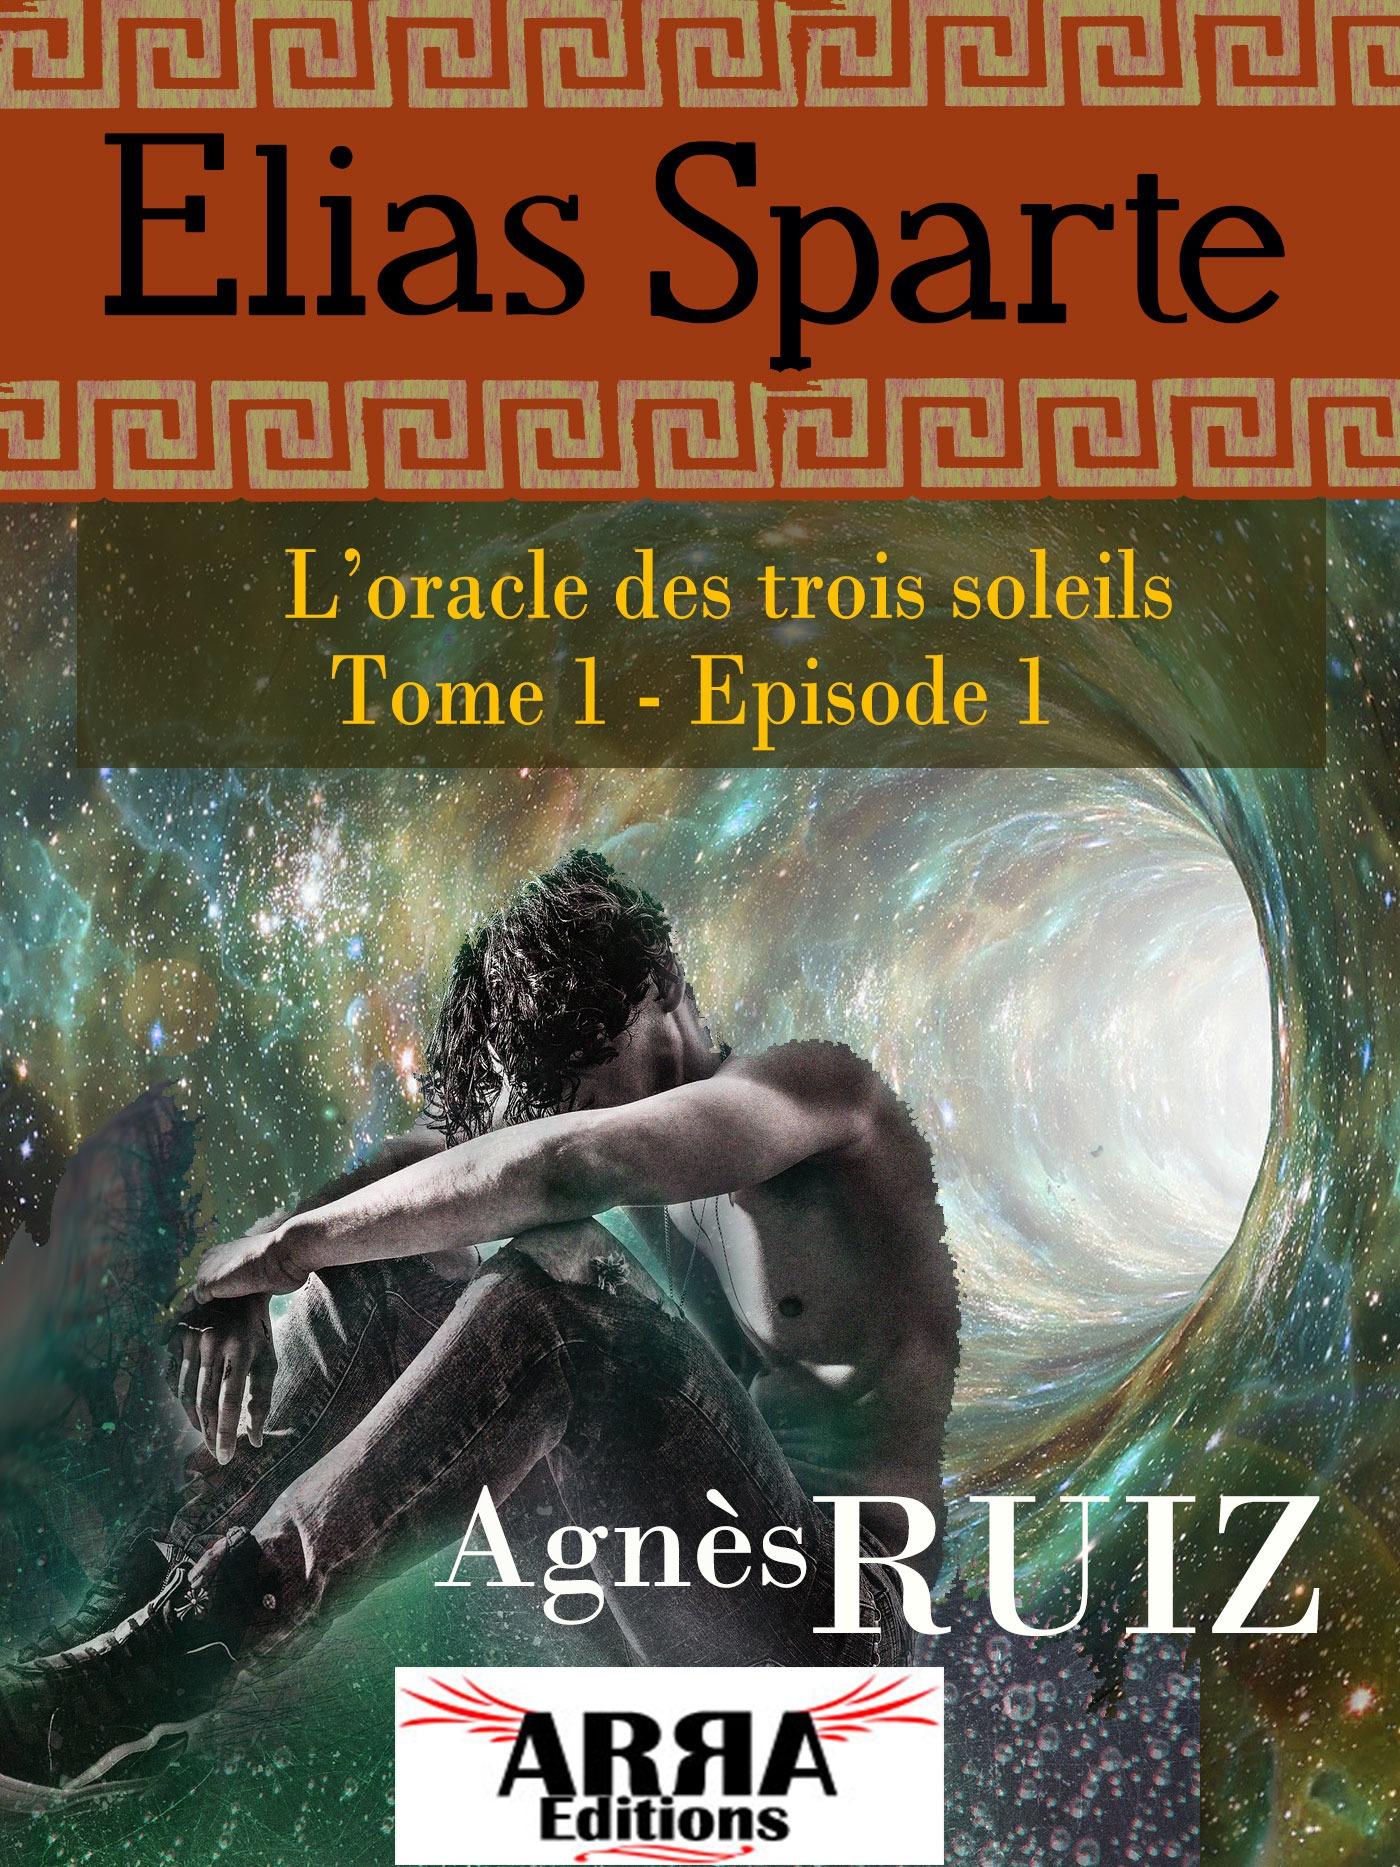 L'oracle des trois soleils, tome 1, épisode 1 (Elias Sparte)